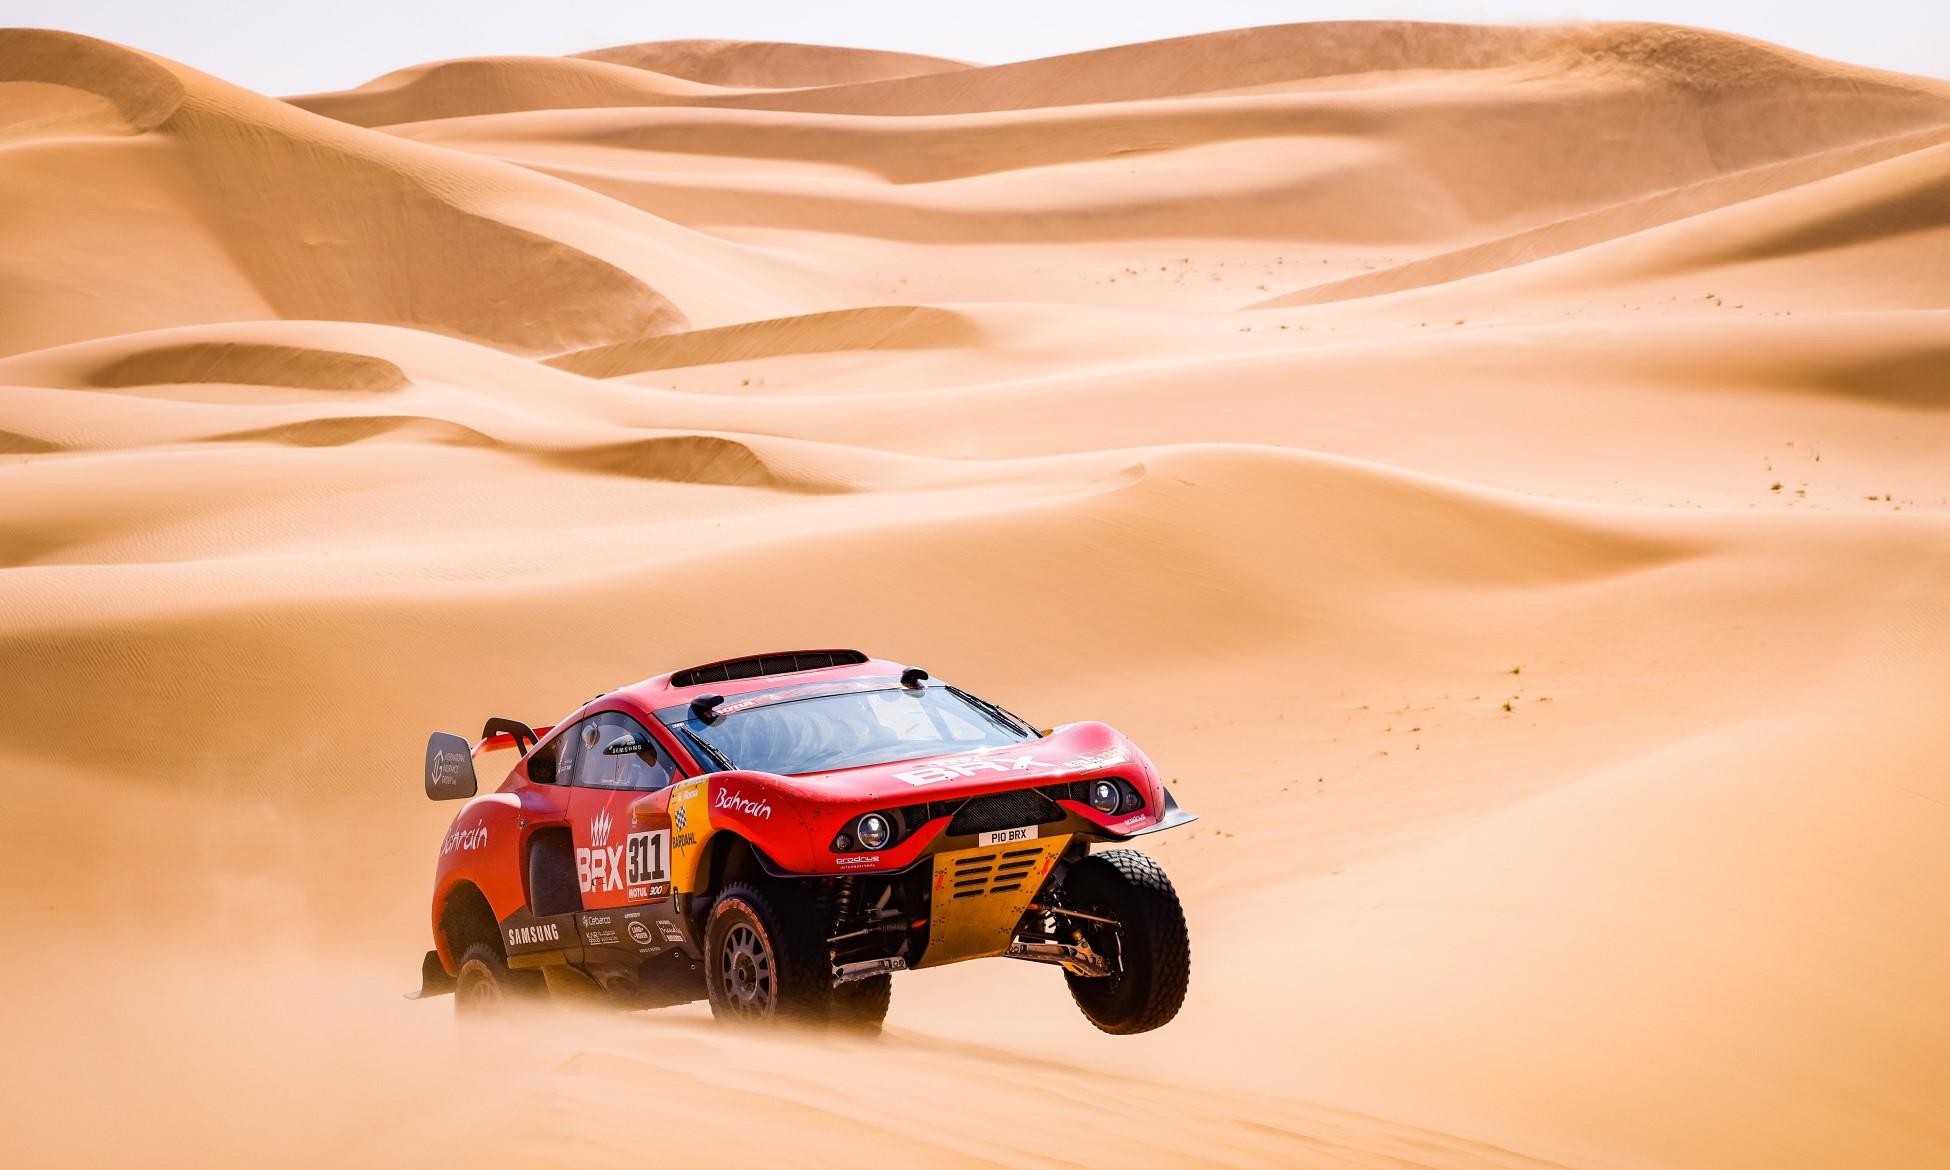 Sebastien Loeb had another flyer on 2021 Dakar Stage 4